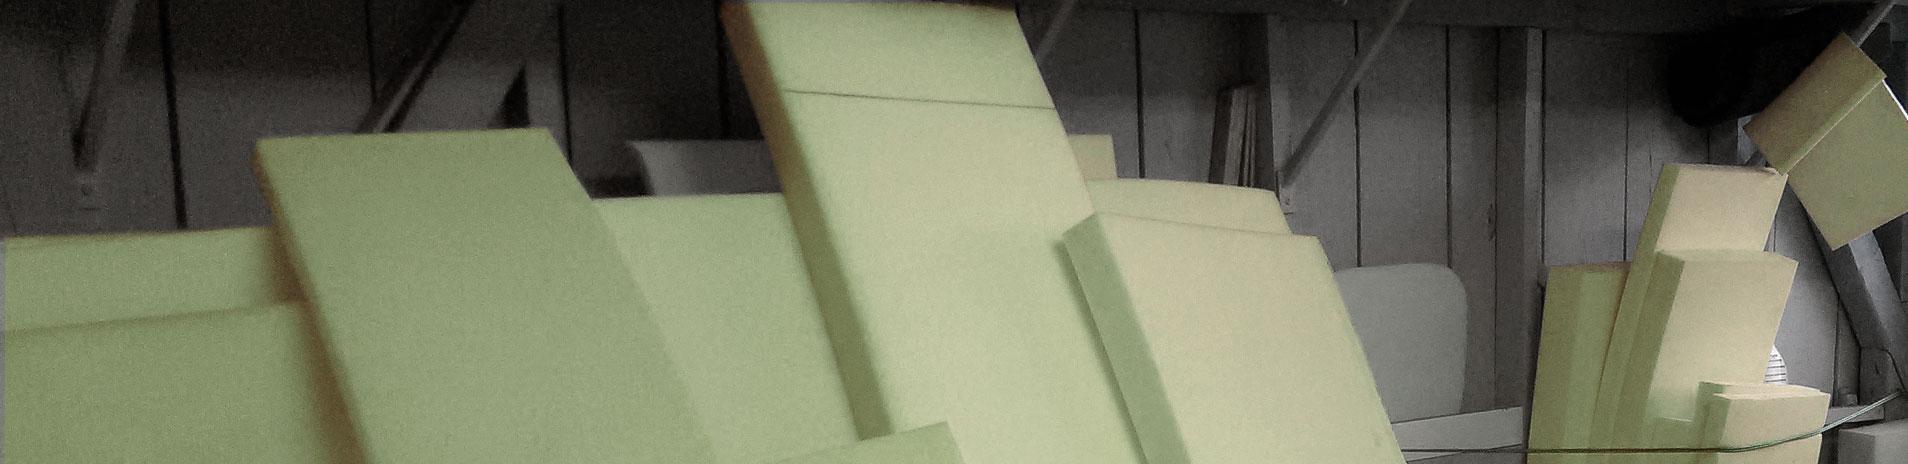 Découpe de mousse à l'Atelier de la Literie d'Anglet